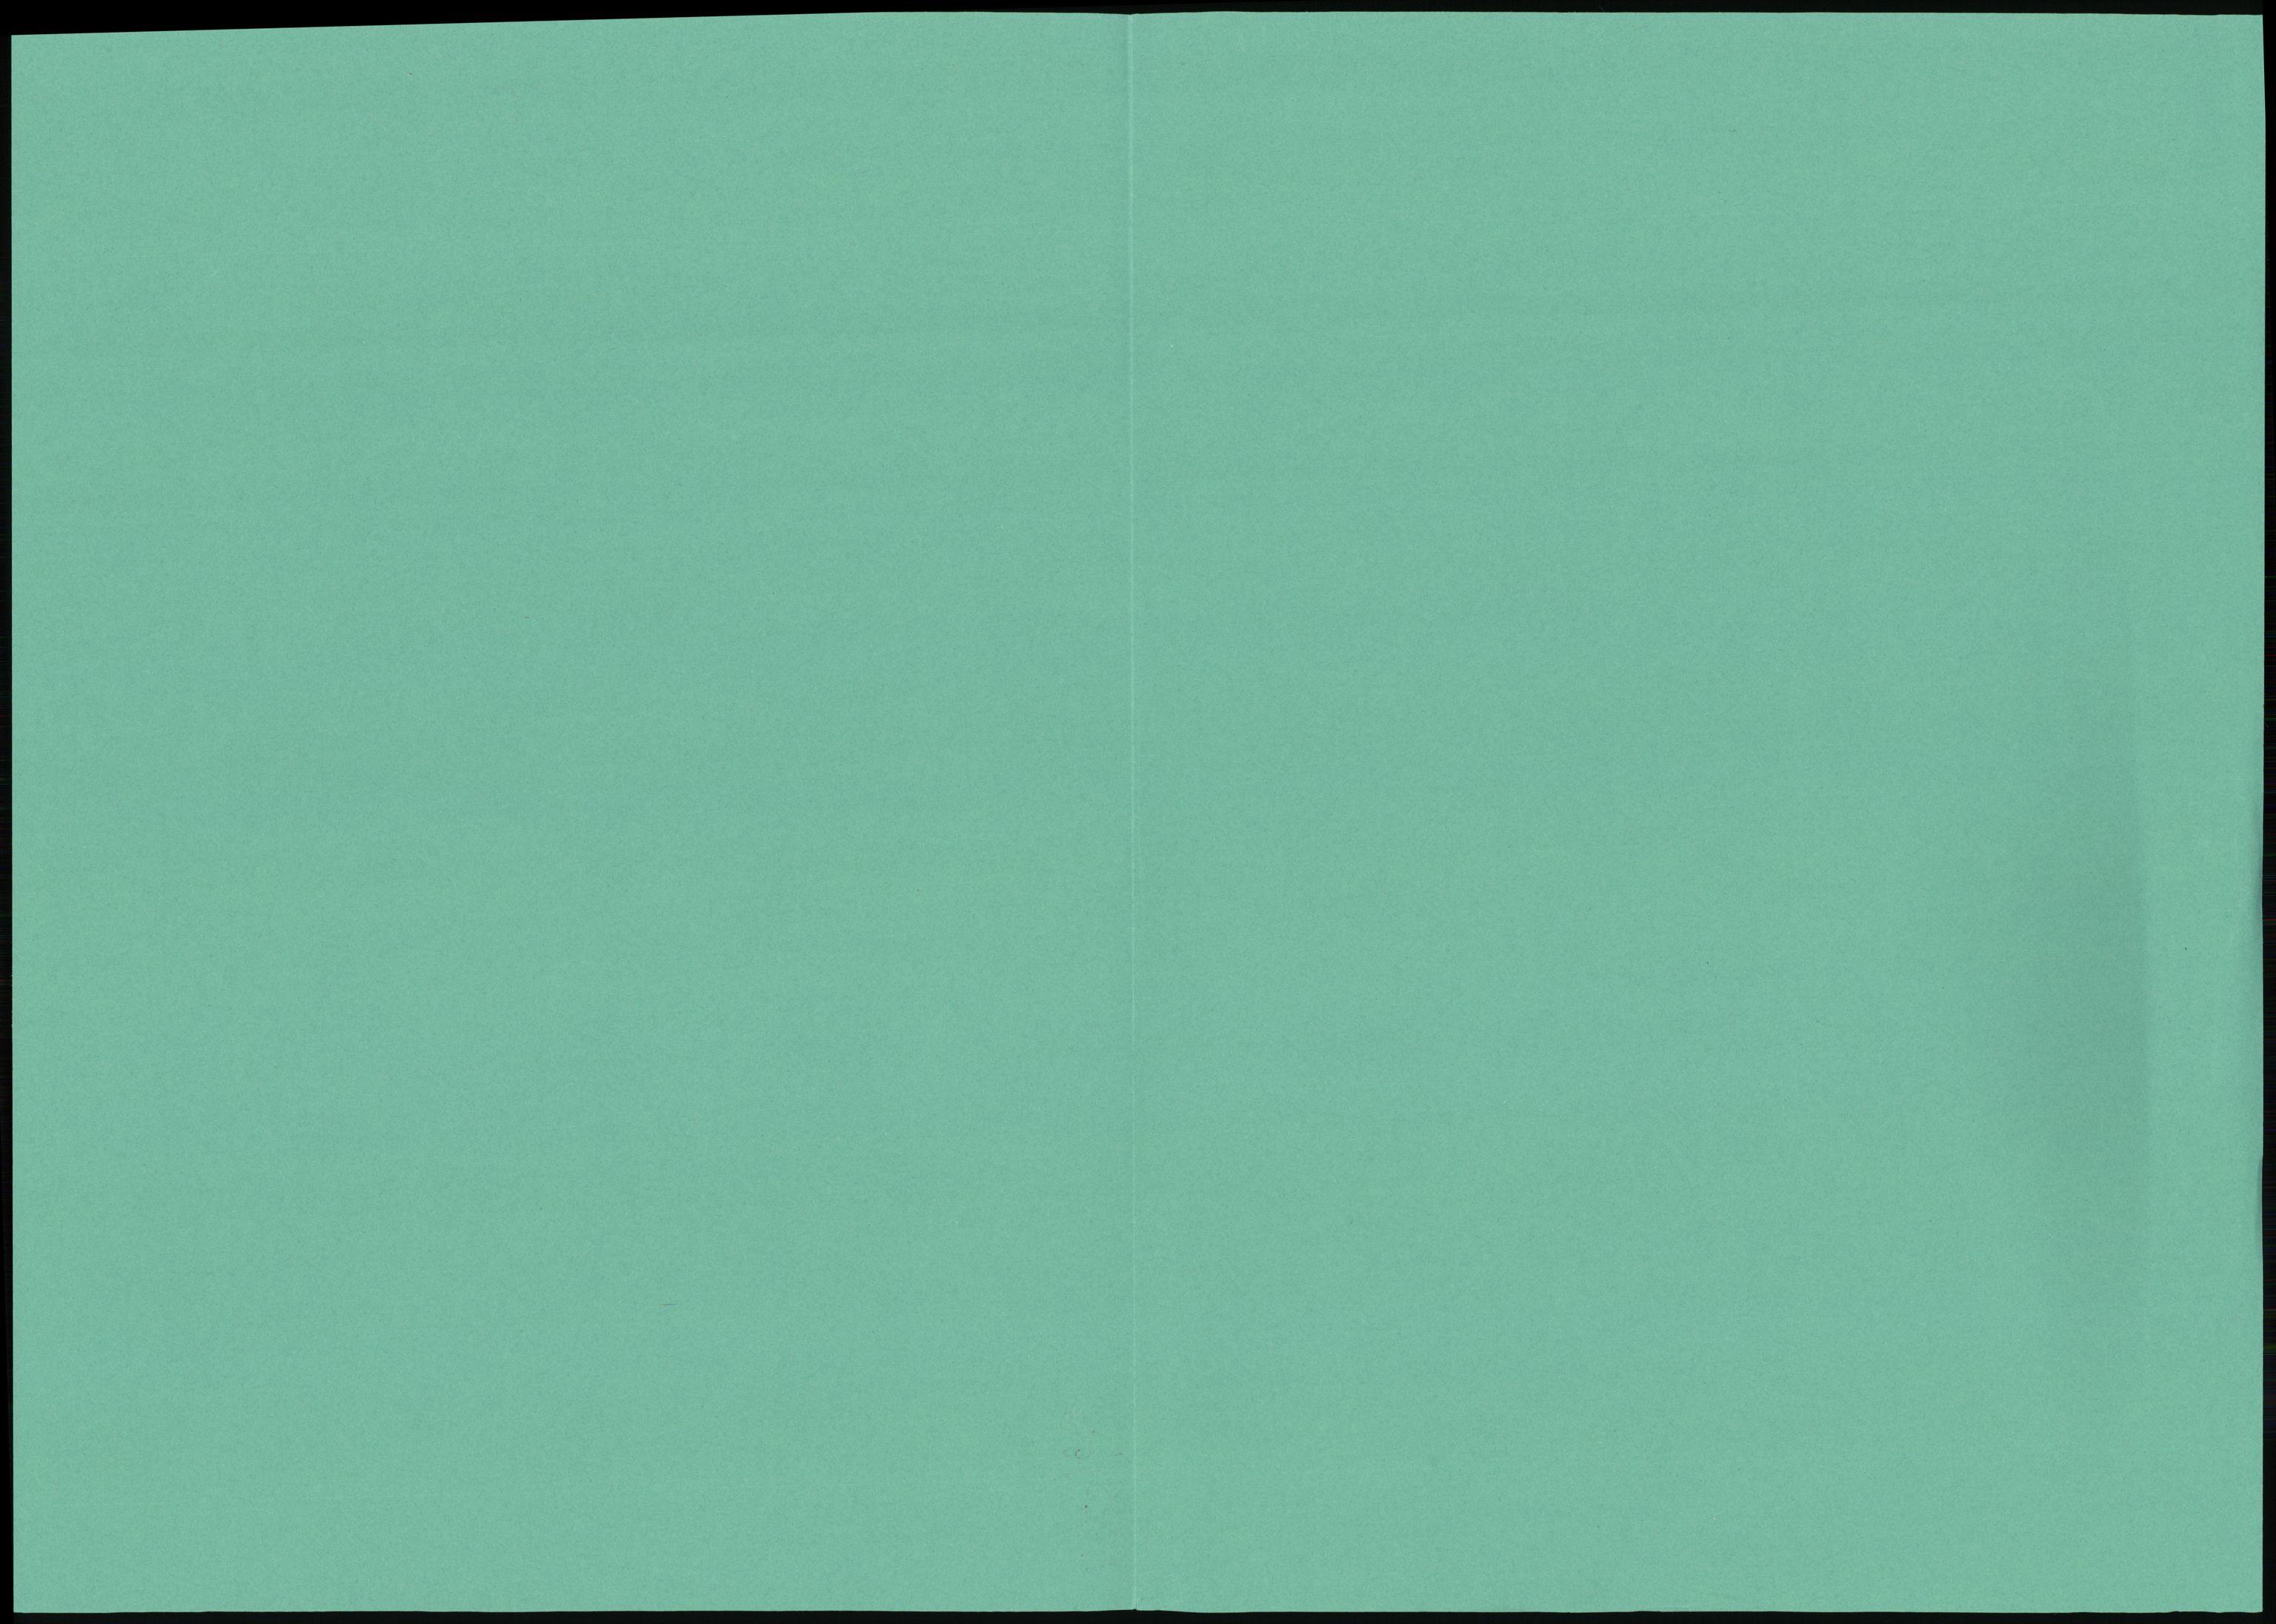 RA, Statens forurensningstilsyn, hovedkontoret, D/Da/L0440: Lover, forskrifter og juridiske spørsmål, 1984-1993, p. 2